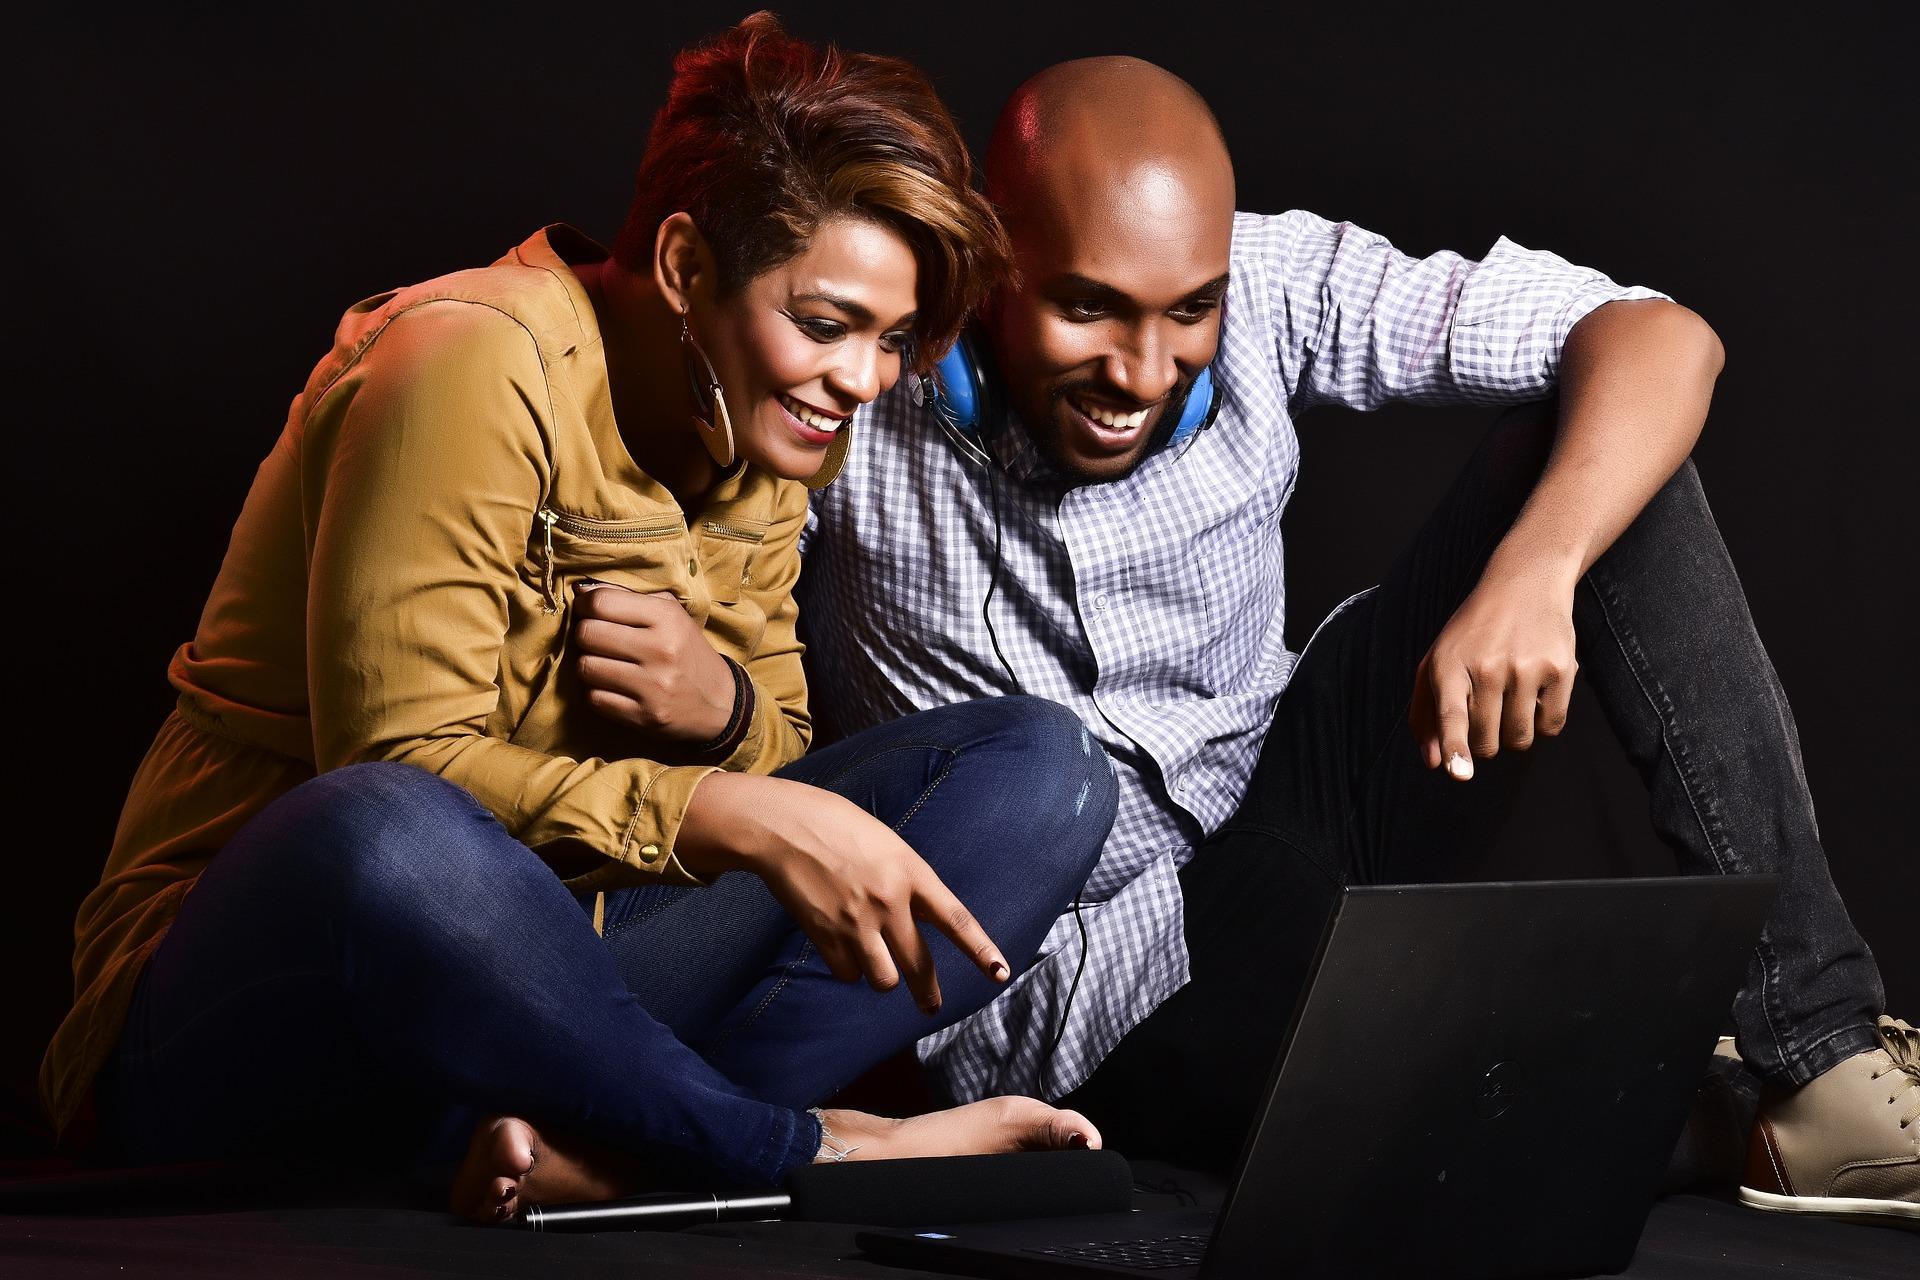 mężczyzna i kobieta oglądający coś na komputerze